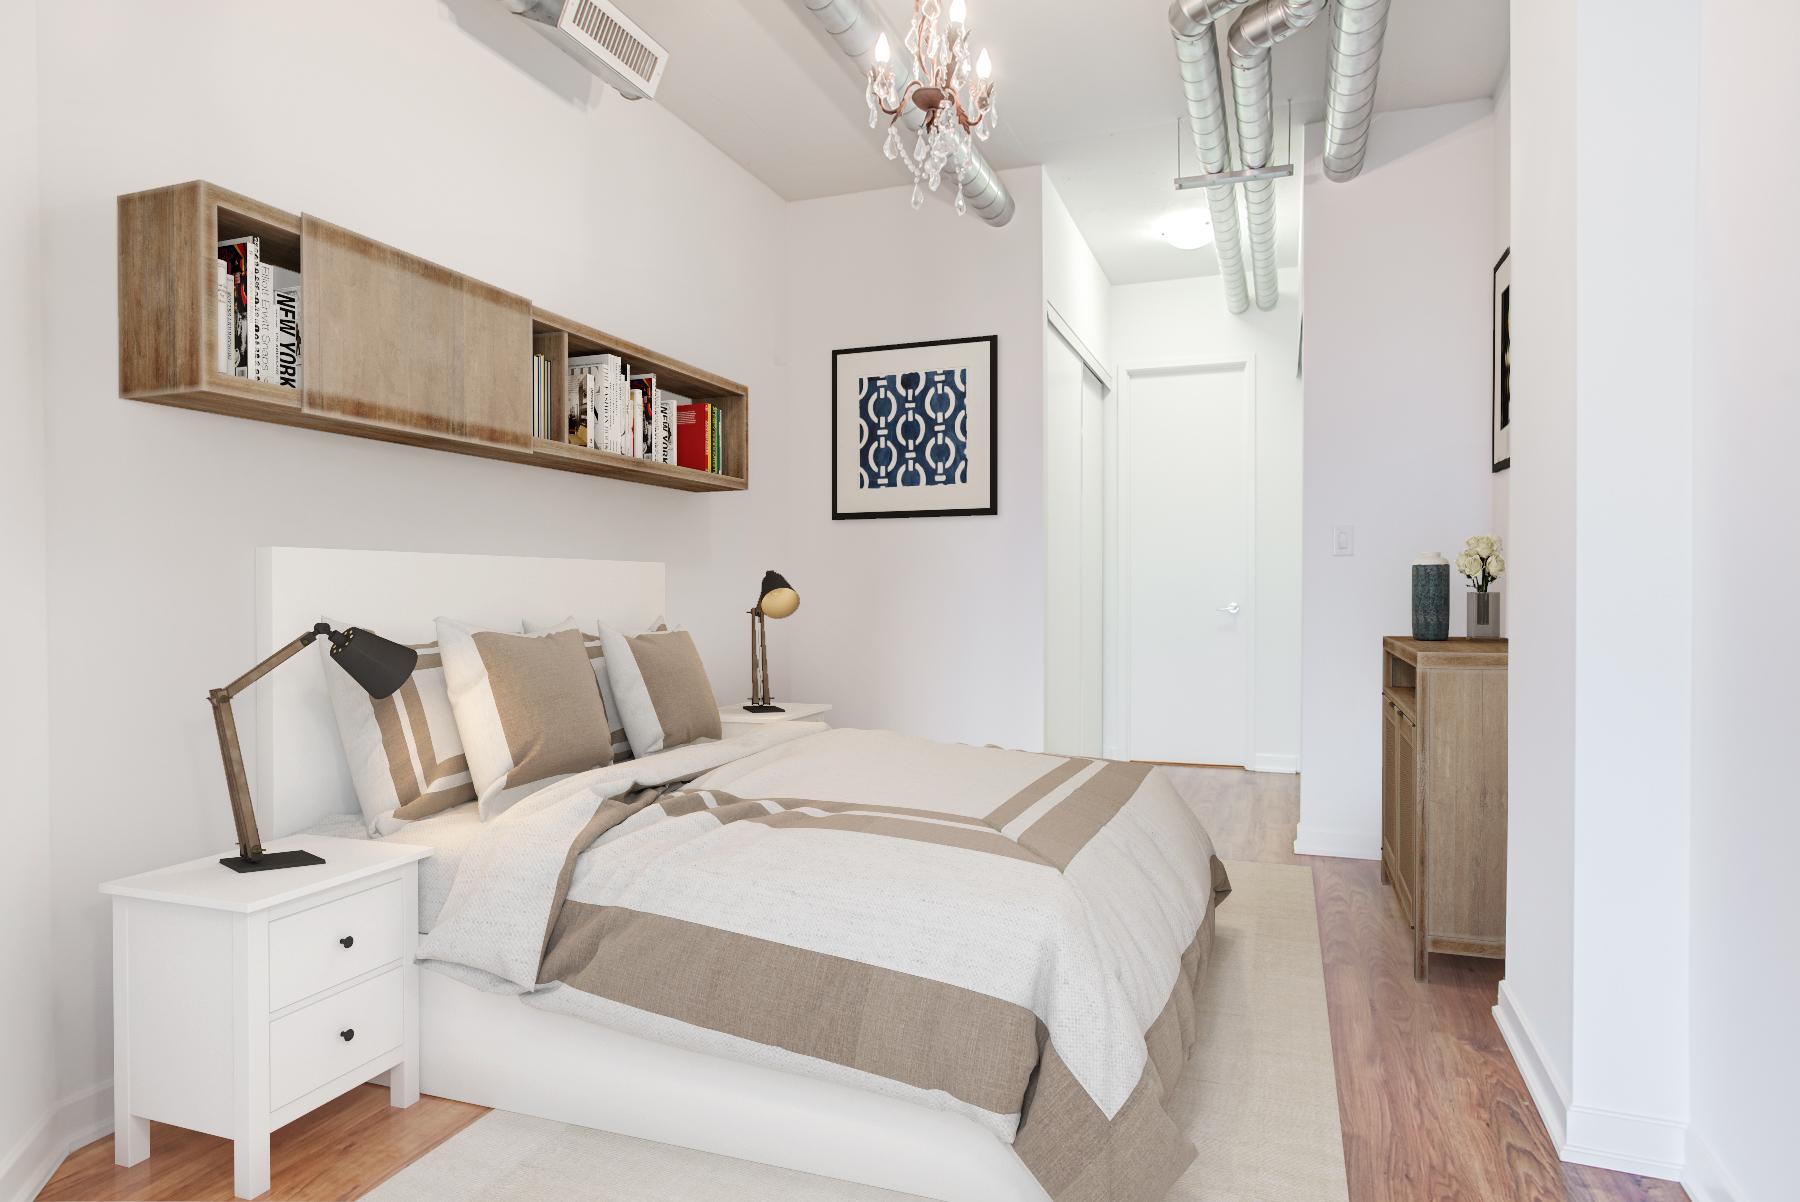 bedroom Final